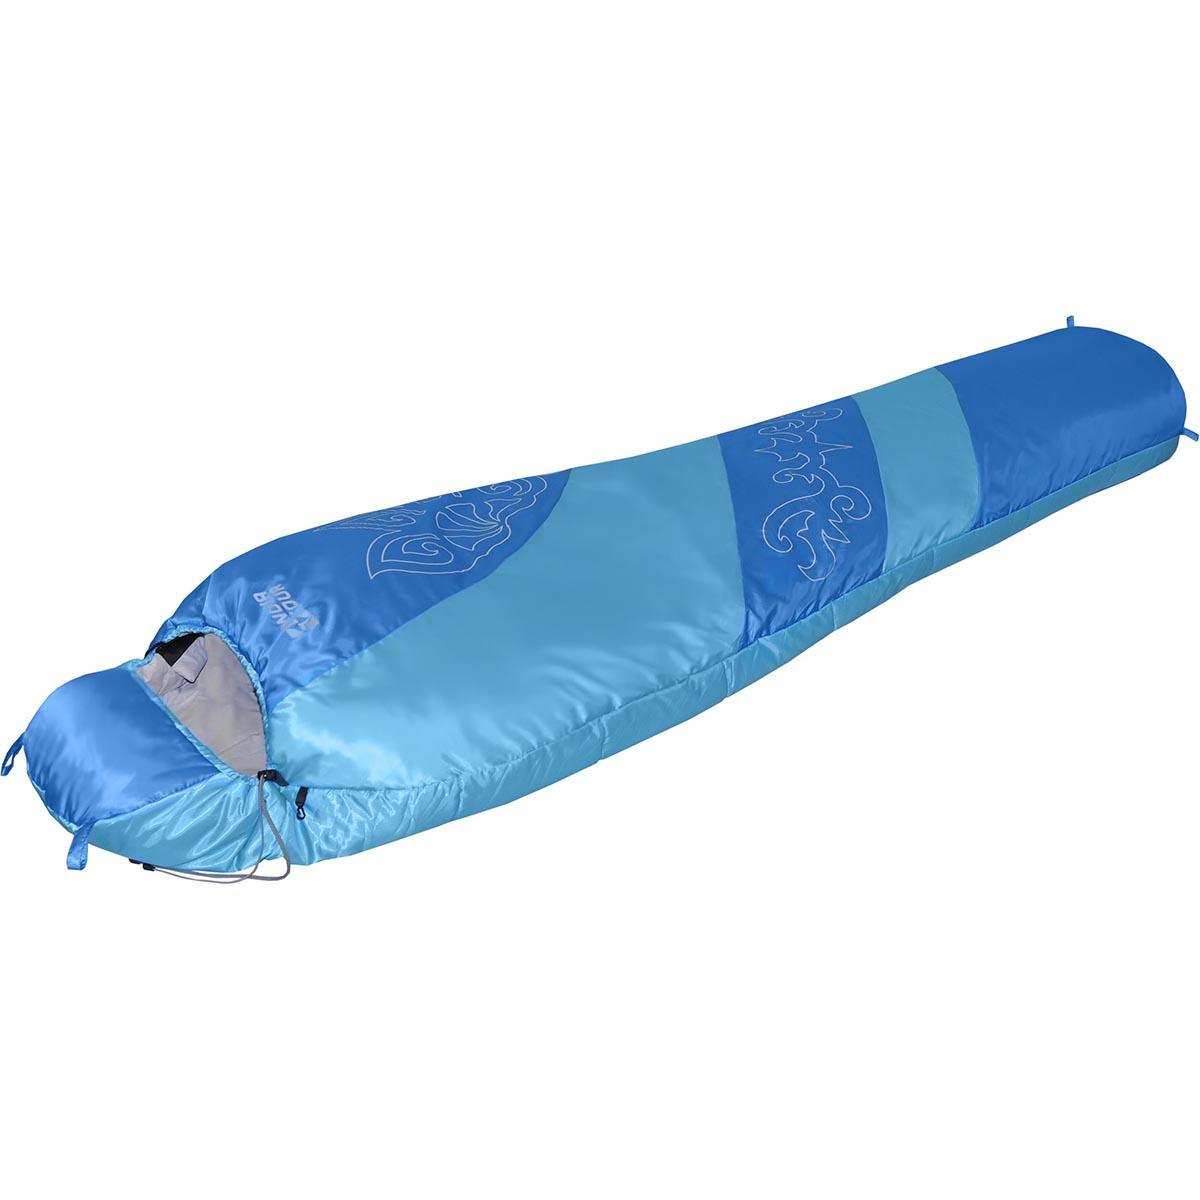 Мешок NOVA TOUR Сахалин 0 V2, цвет: голубой, синий, белый, левосторонняя молния95424-426-LeftДемисезонный спальный мешок NOVA TOUR Сахалин 0 V2 имеет конструкцию кокон. Наполнитель выполнен из синтетического наполнителя - холлофайбера. Мешок оснащен утягивающимся капюшоном и двухзамковой утепленной молнией, позволяющей состегнуть левосторонний и правосторонний спальные мешки в один двойной. Компрессионный чехол в комплекте. Компрессионный чехол в комплекте. Длина мешка: 220 см.